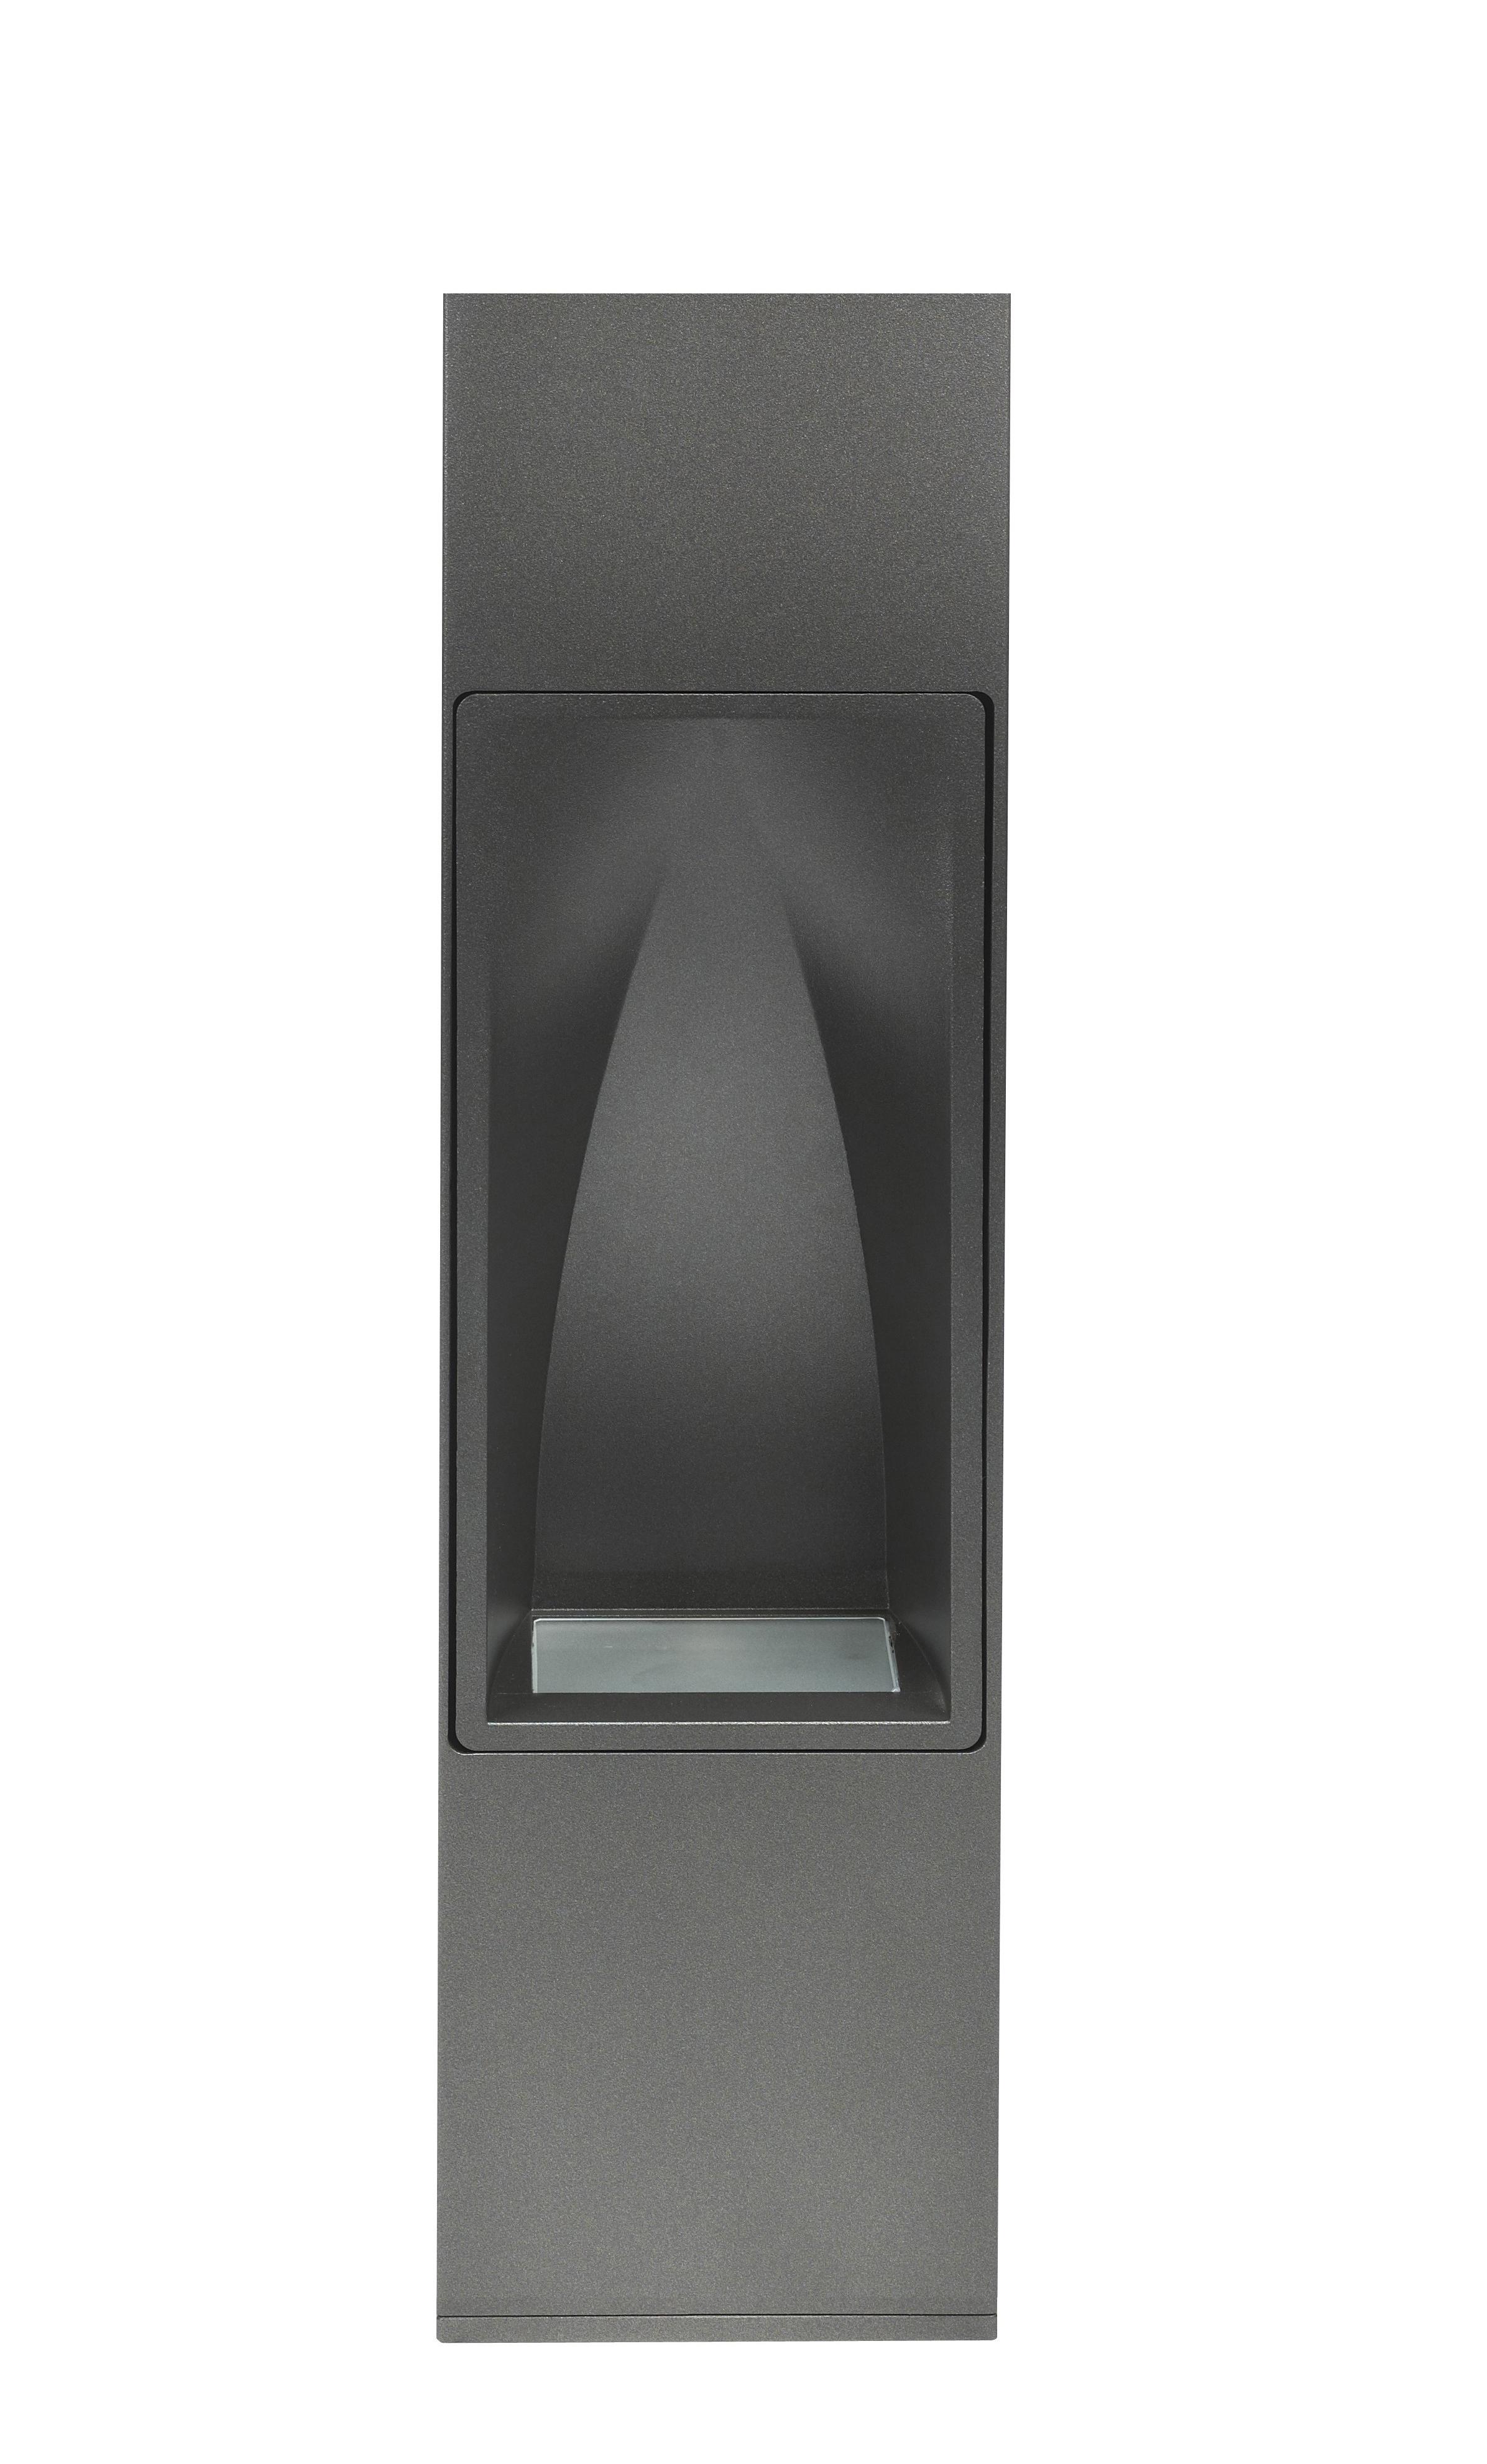 1 Stk FIN-POLE 50cm LED 9x1W, 3000K, DOWN, Glas matt, SABLE NOIR LI6FI2109C